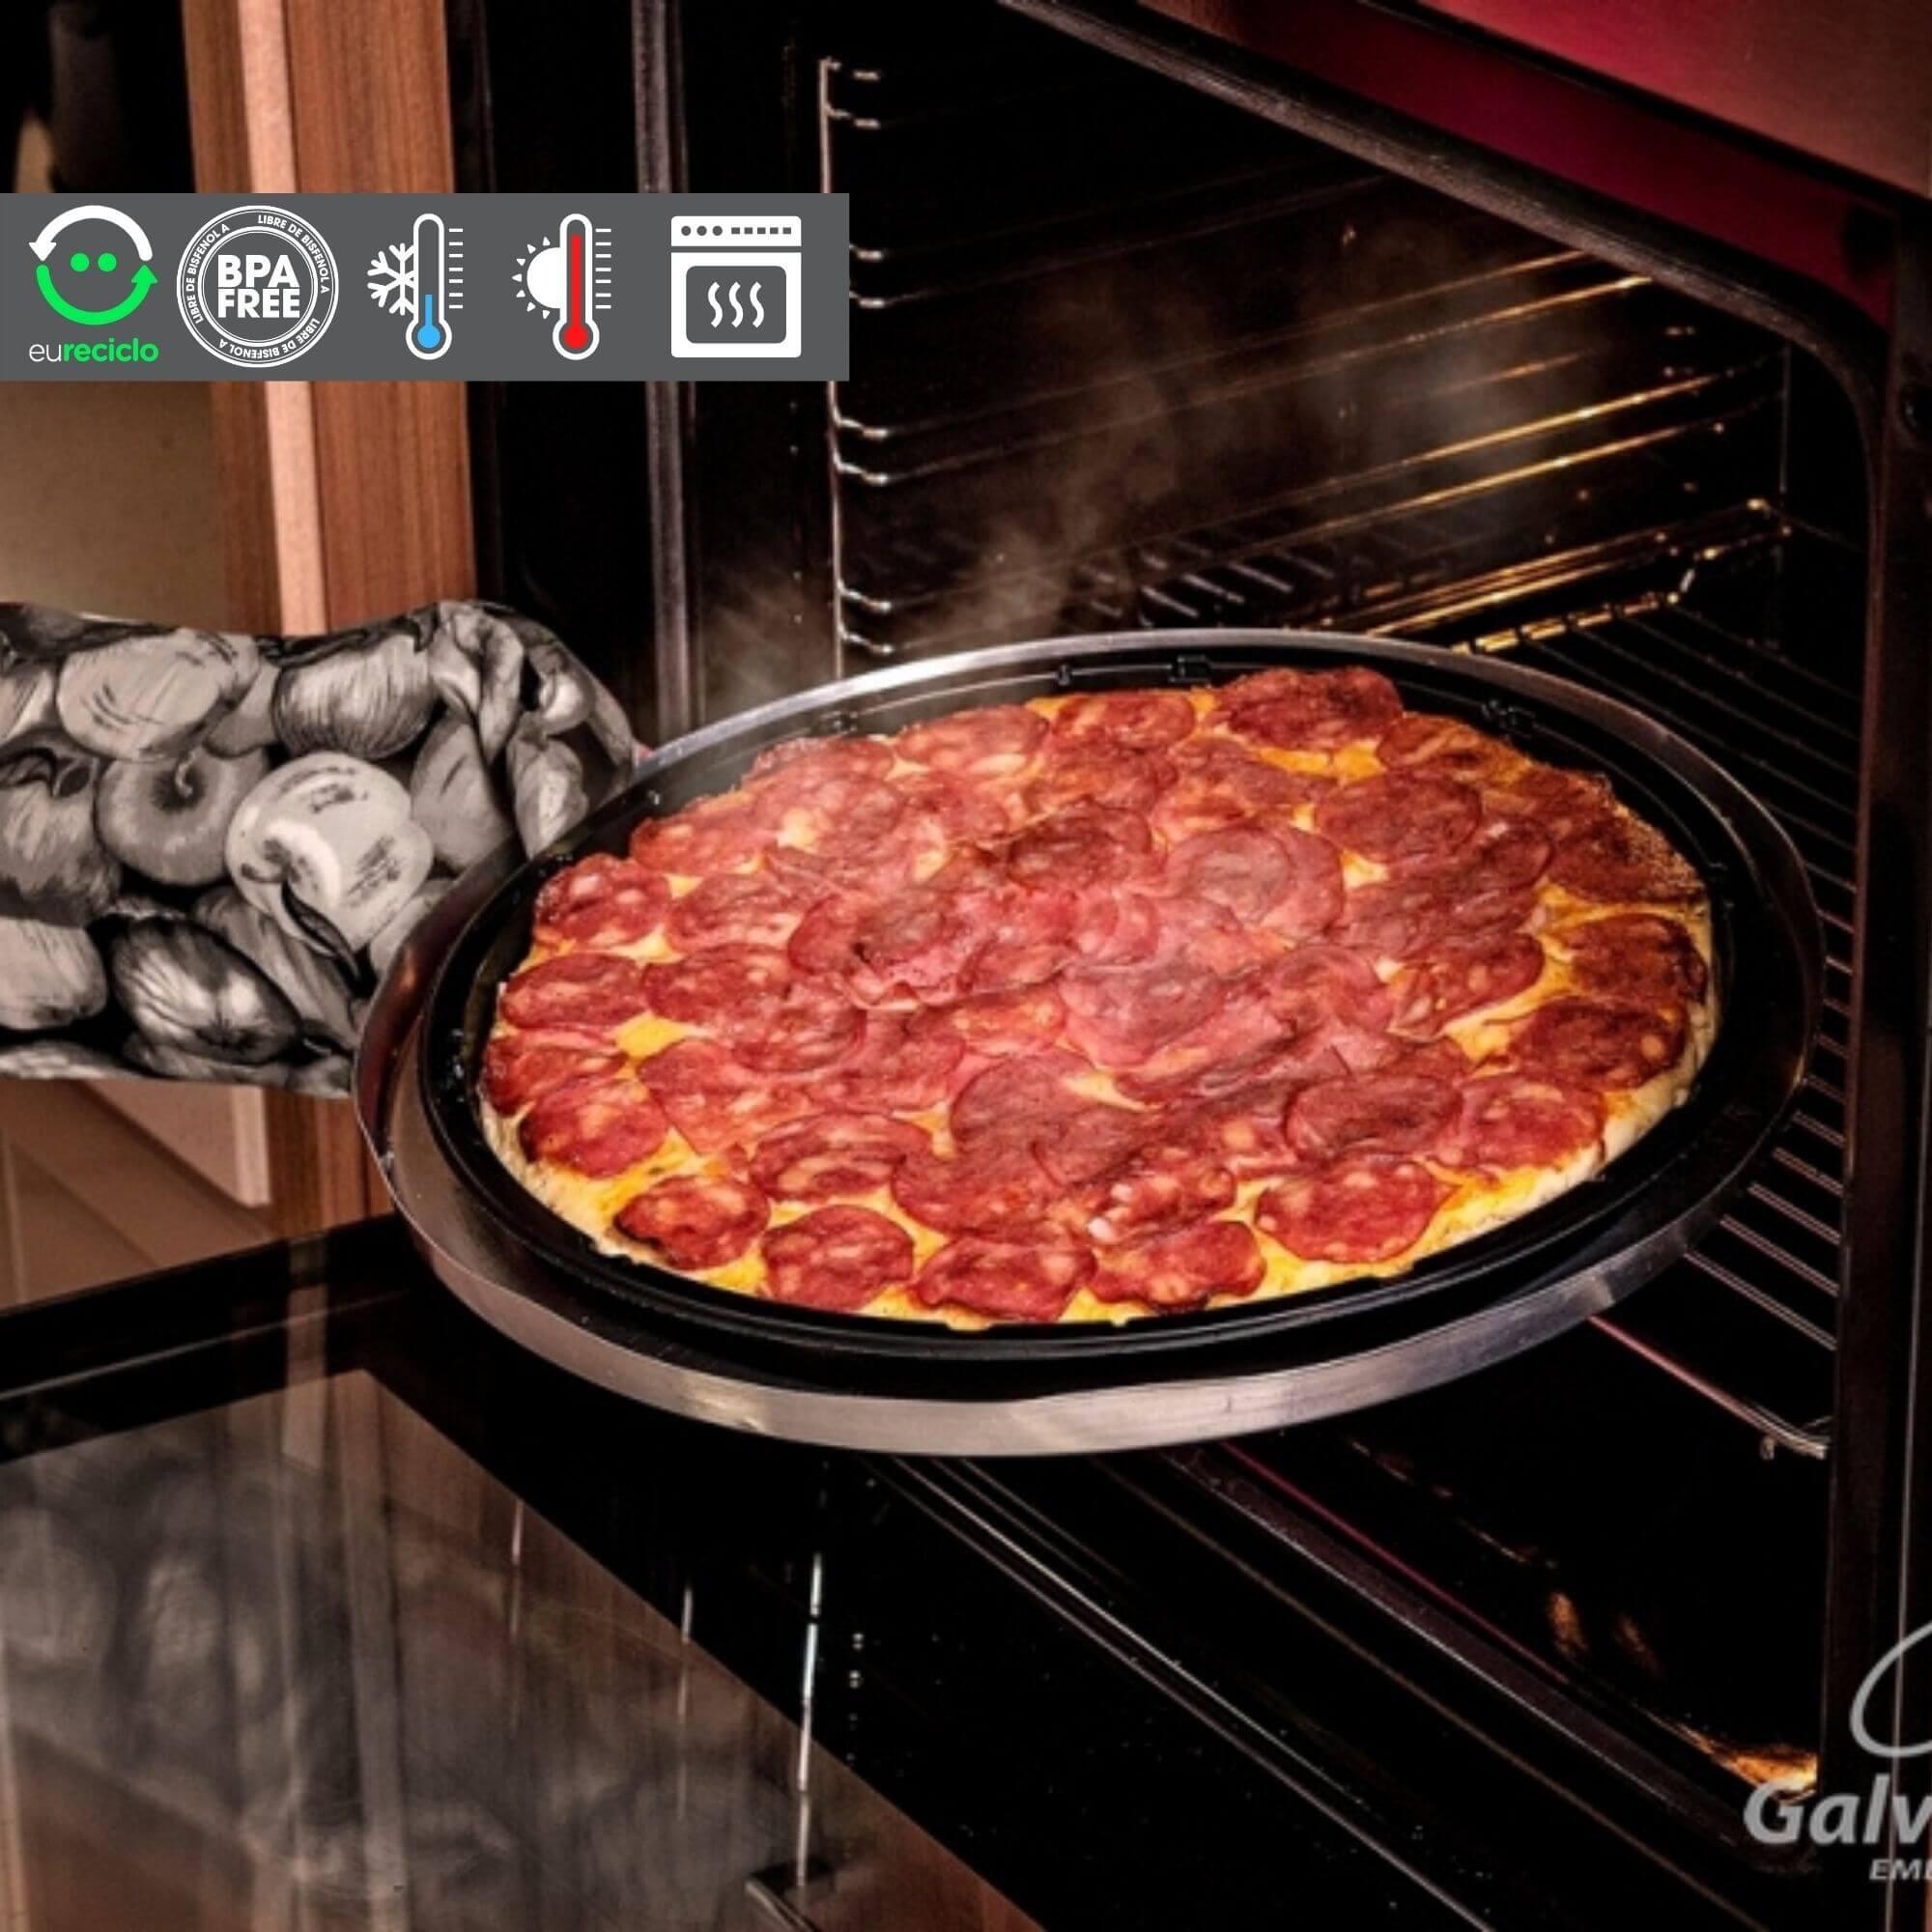 Embalagem de Pizza que vai ao forno a gás Galvanotek G230